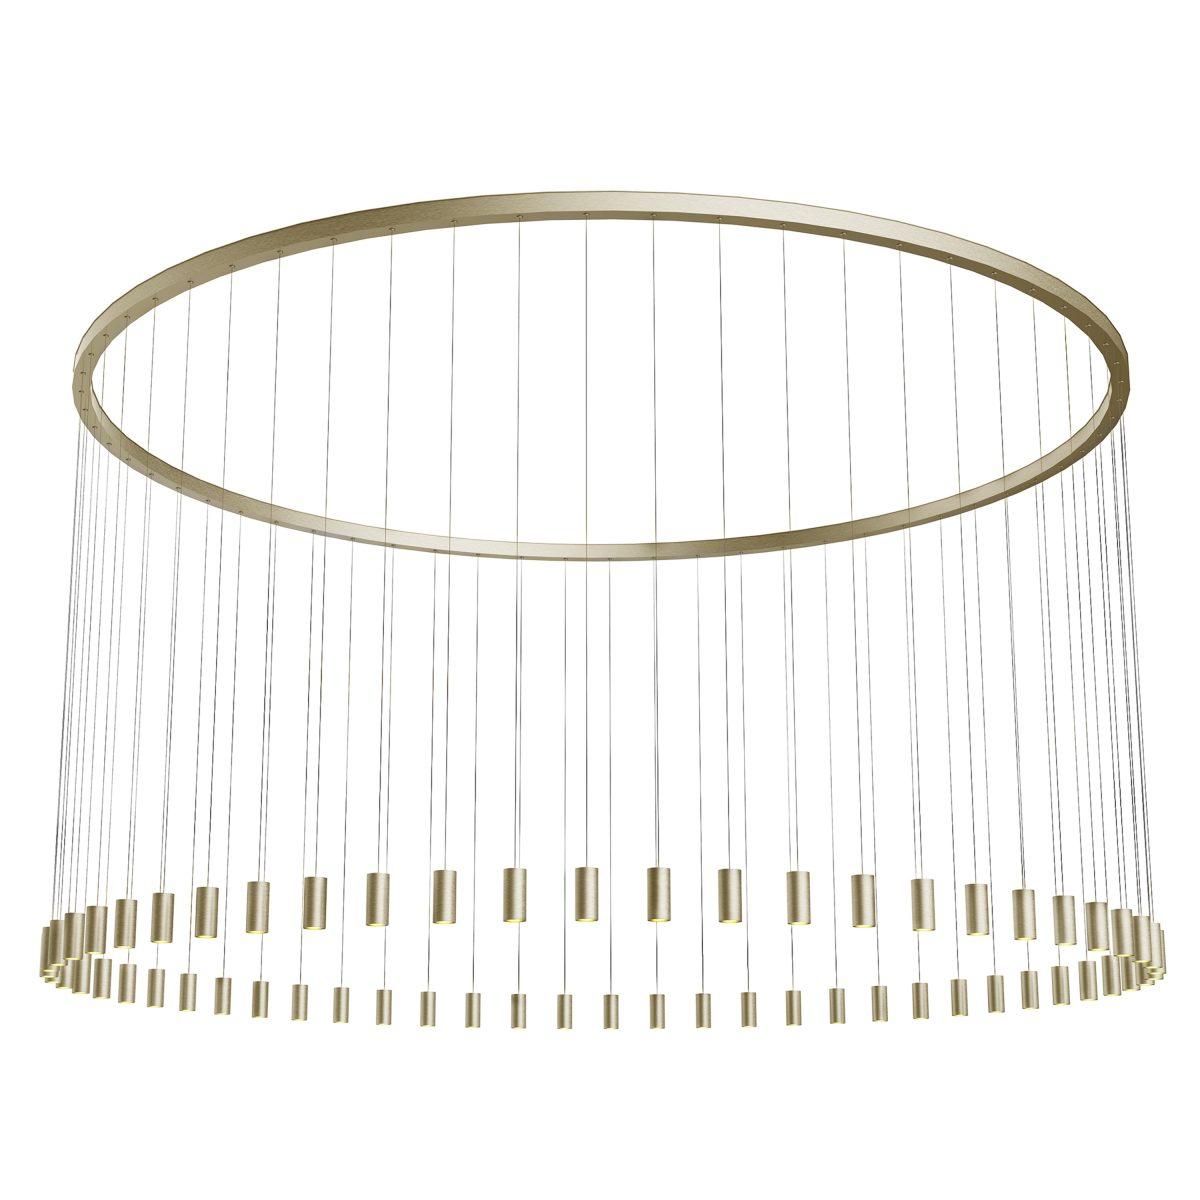 JSPR Myla Lamp XL 150 Champ